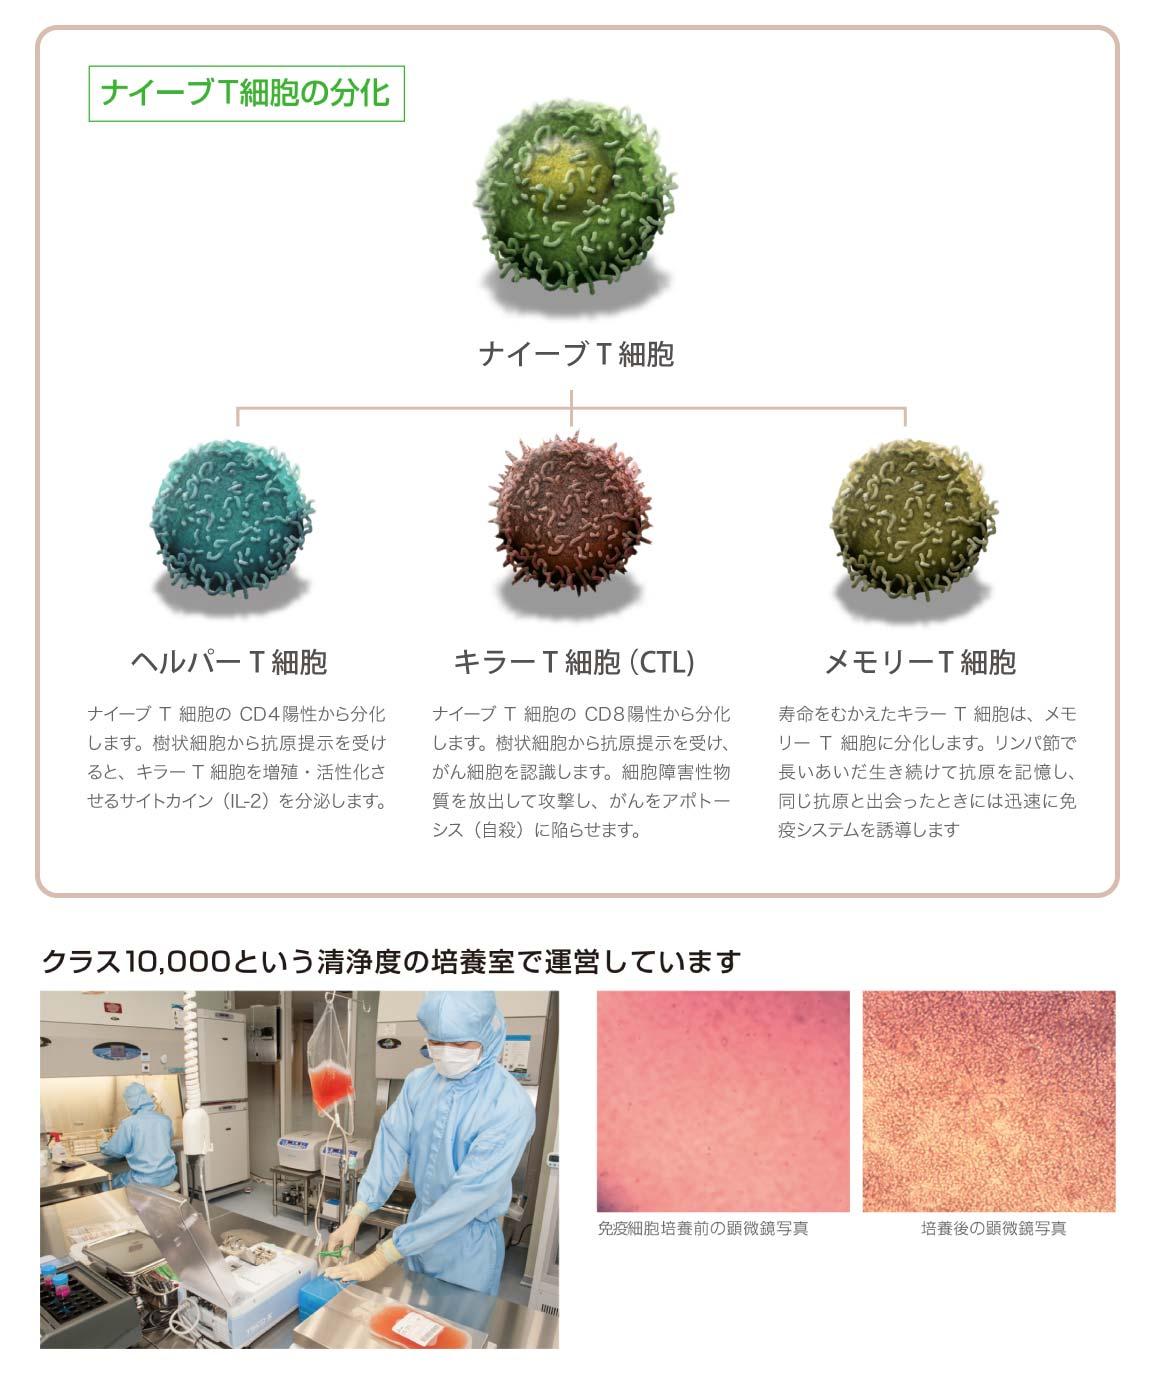 ナイーブT細胞の分化